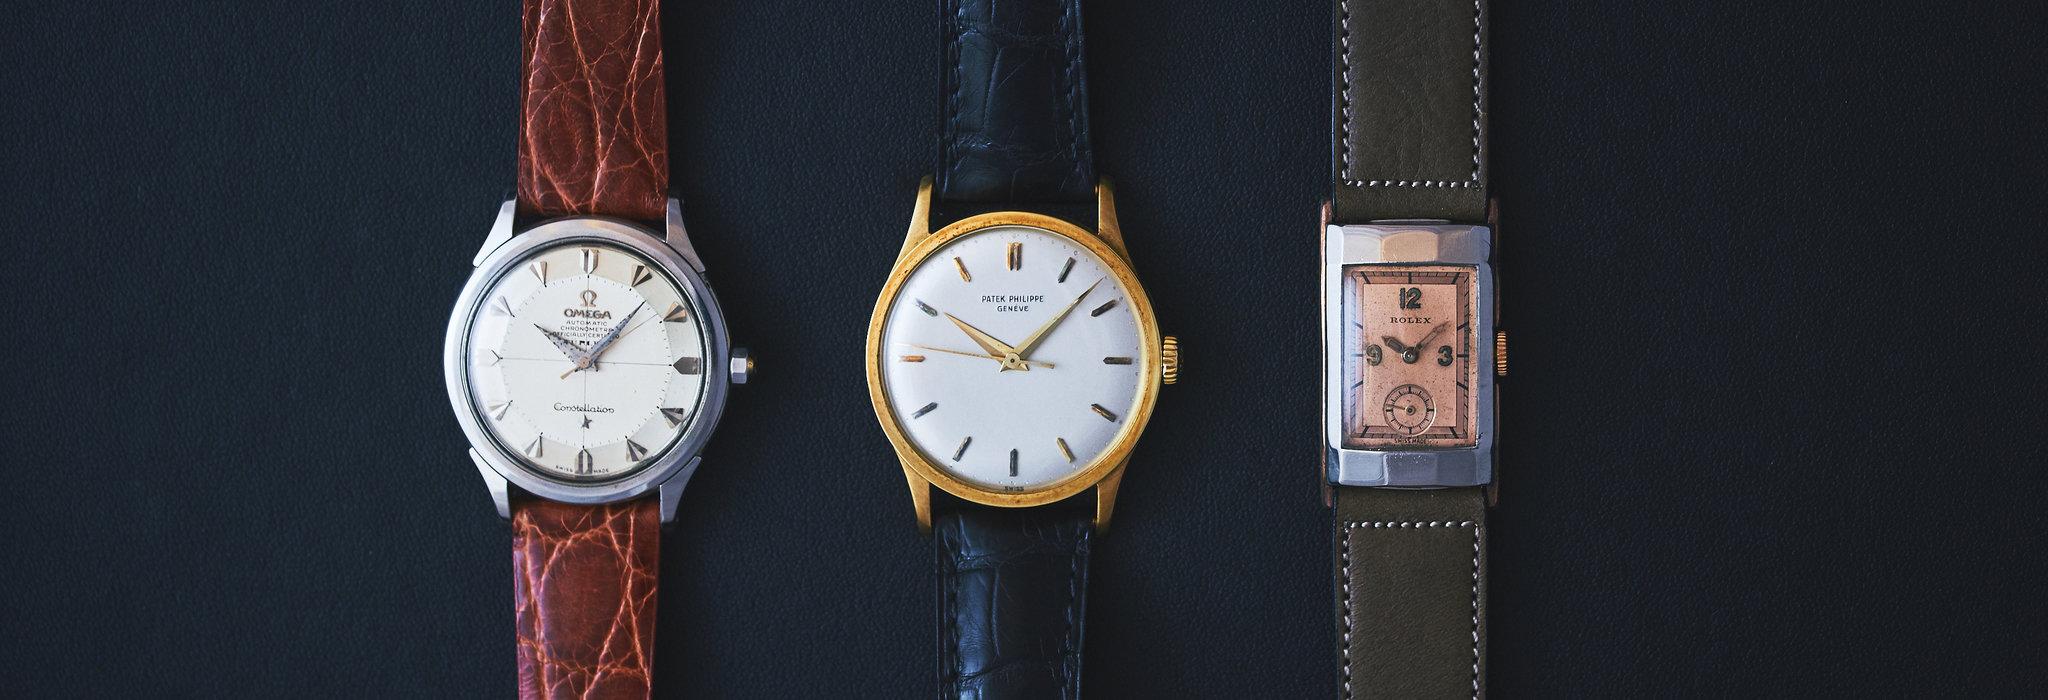 信頼できるアンティーク時計を探して、シェルマン銀座店を訪ねる_image